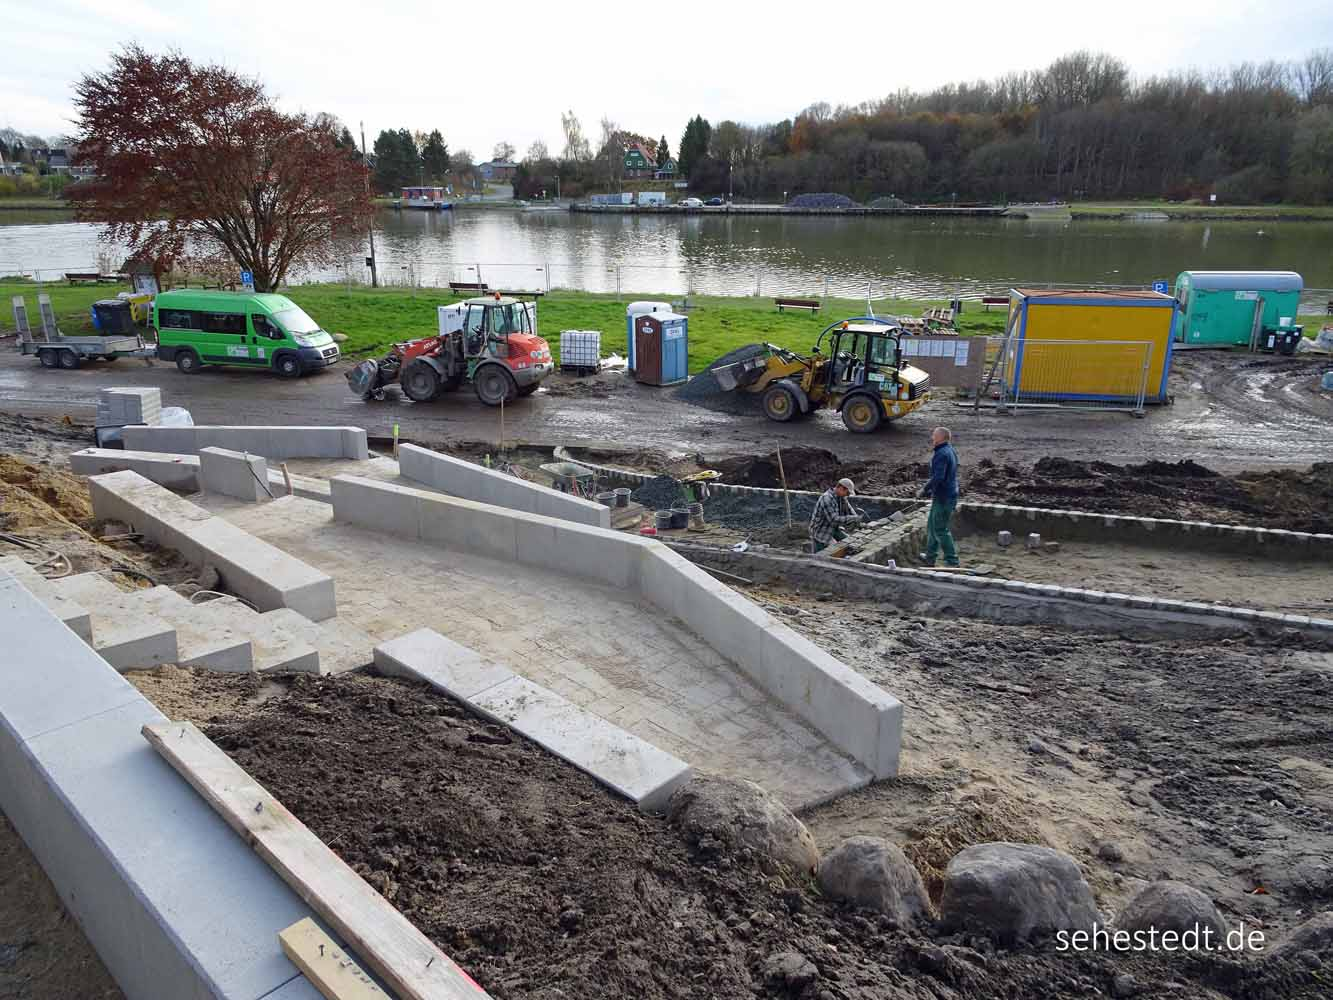 Der Wohnmobilparkplatz ist jetzt auch Baustelle.